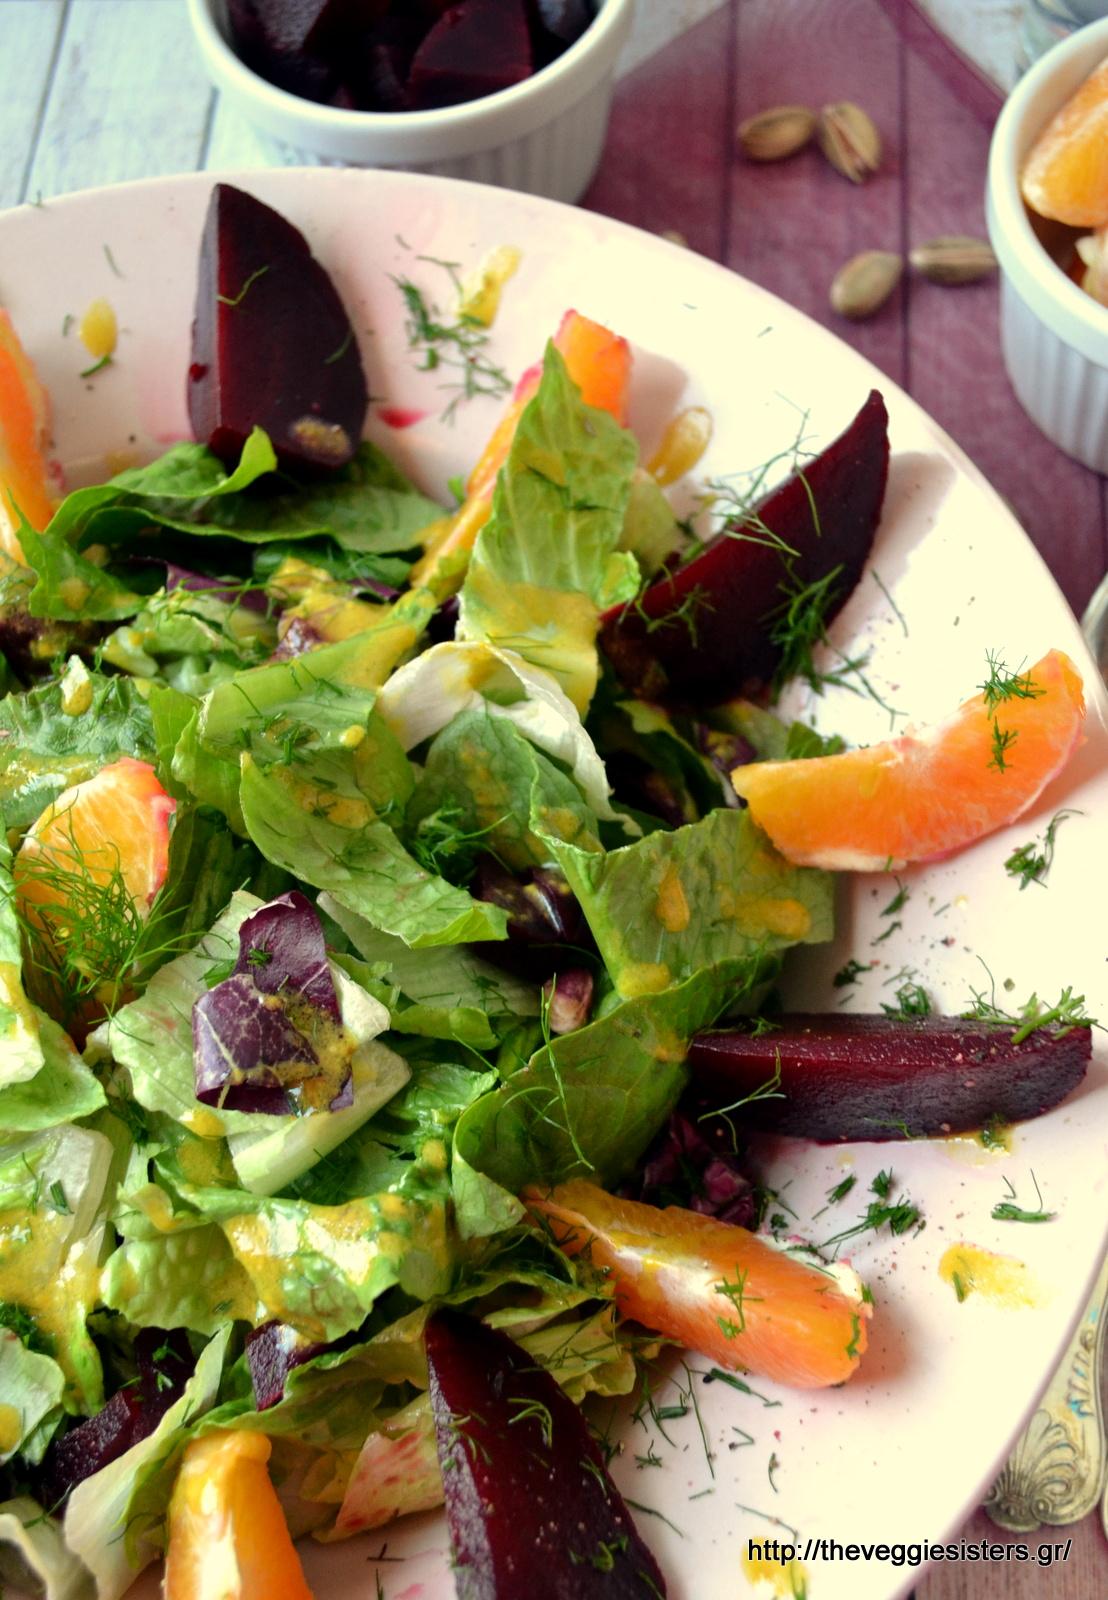 Πράσινη σαλάτα με παντζάρι κ πορτοκάλι - Green beet orange salad